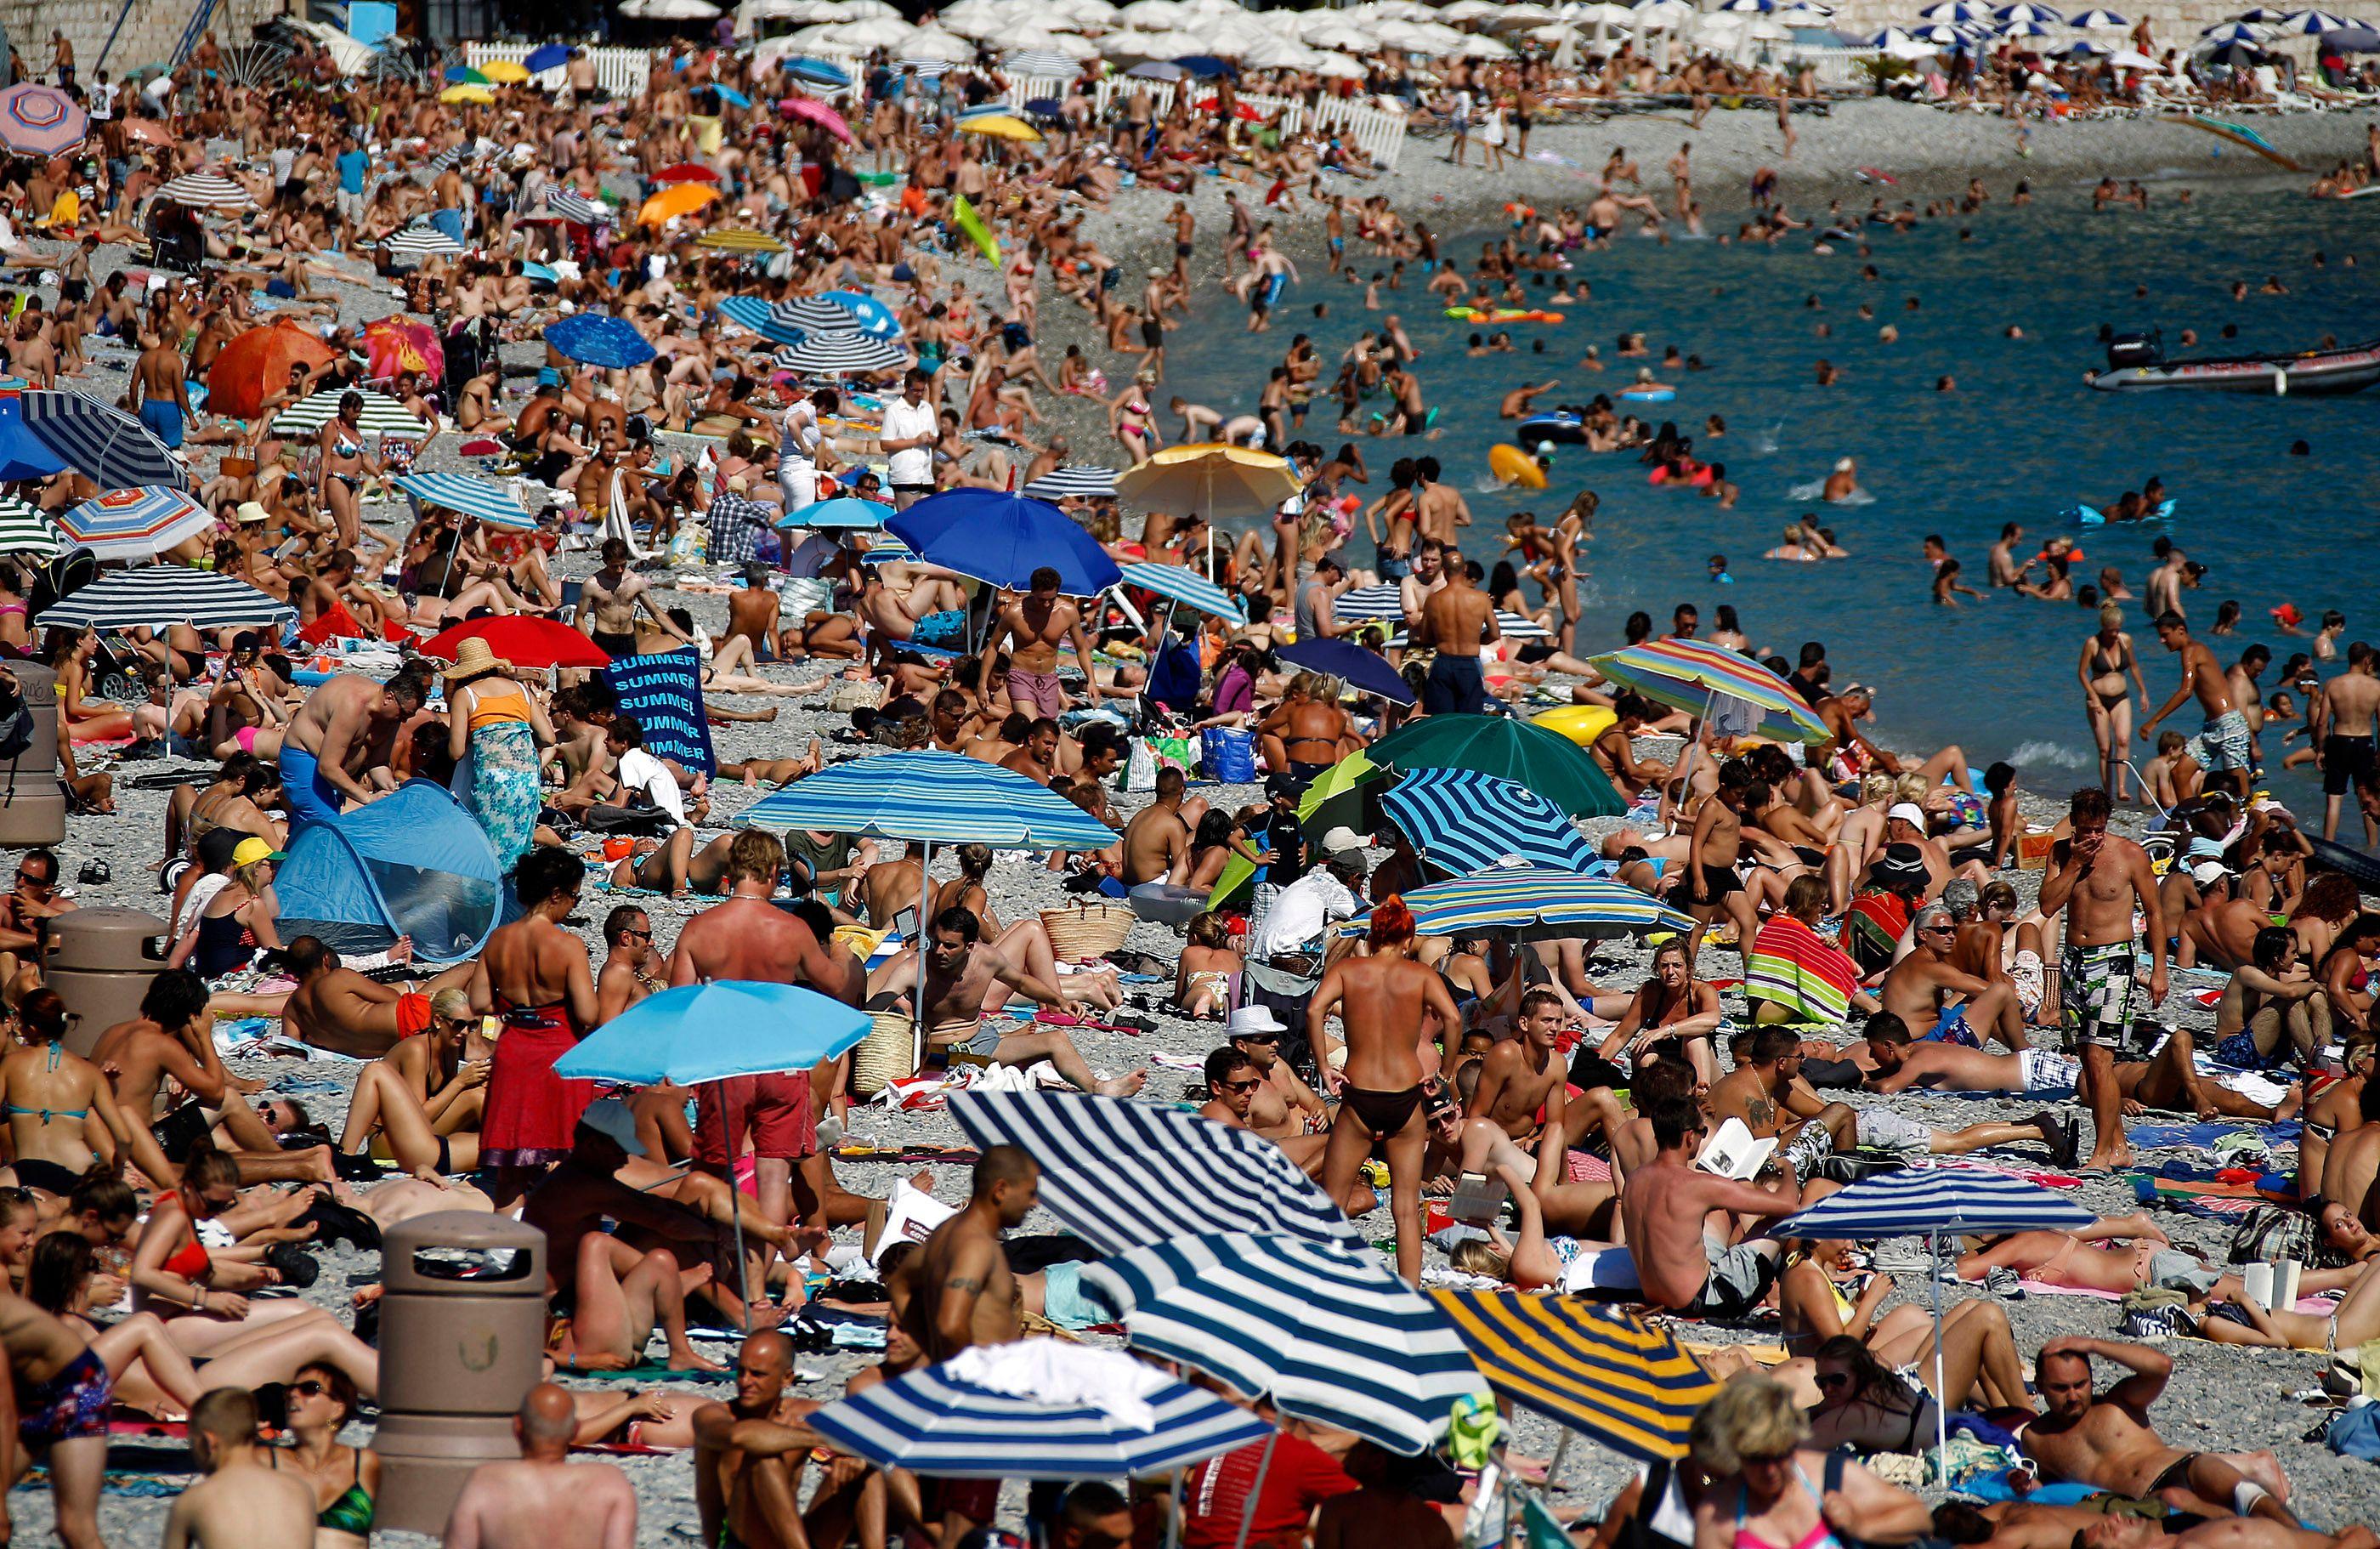 Les vacances sont plus souvent sources de stress que de détente.